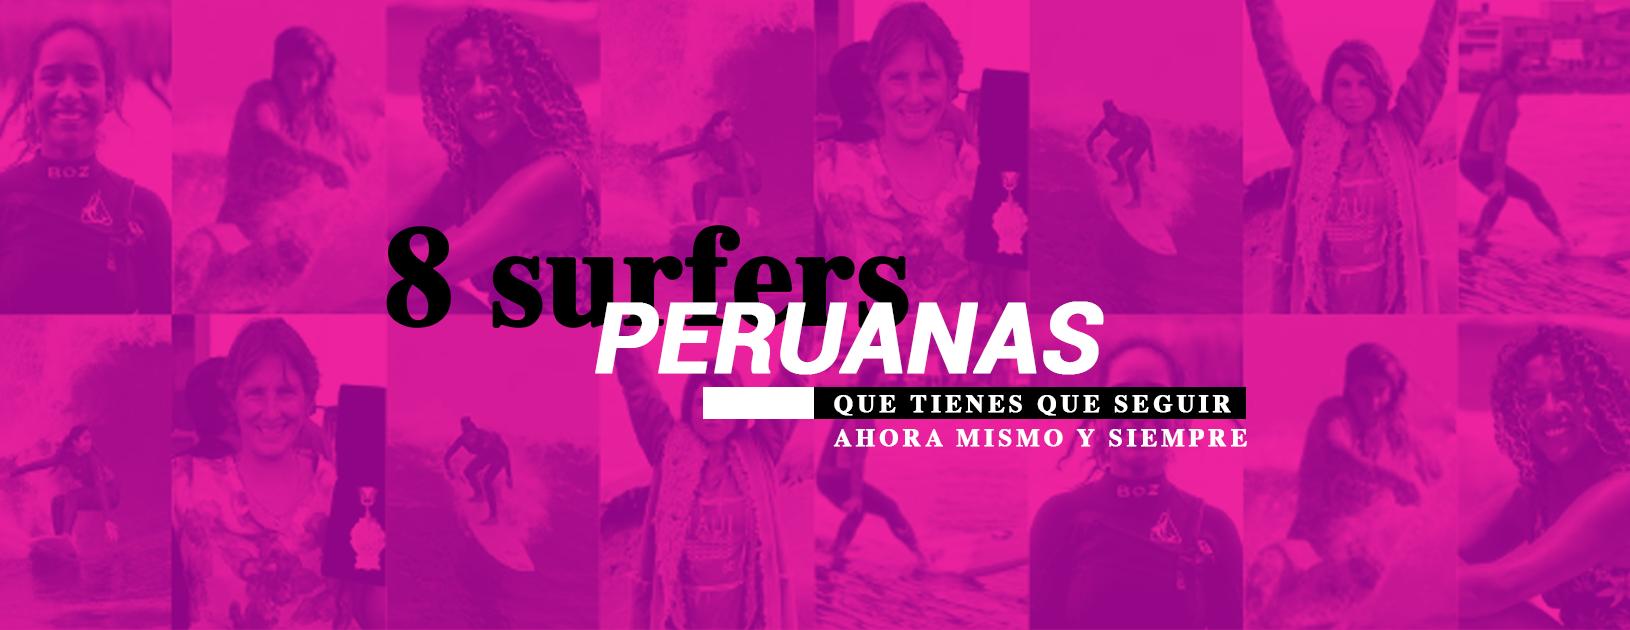 8 surfers peruanas que tienes que seguir ahora mismo y siempre